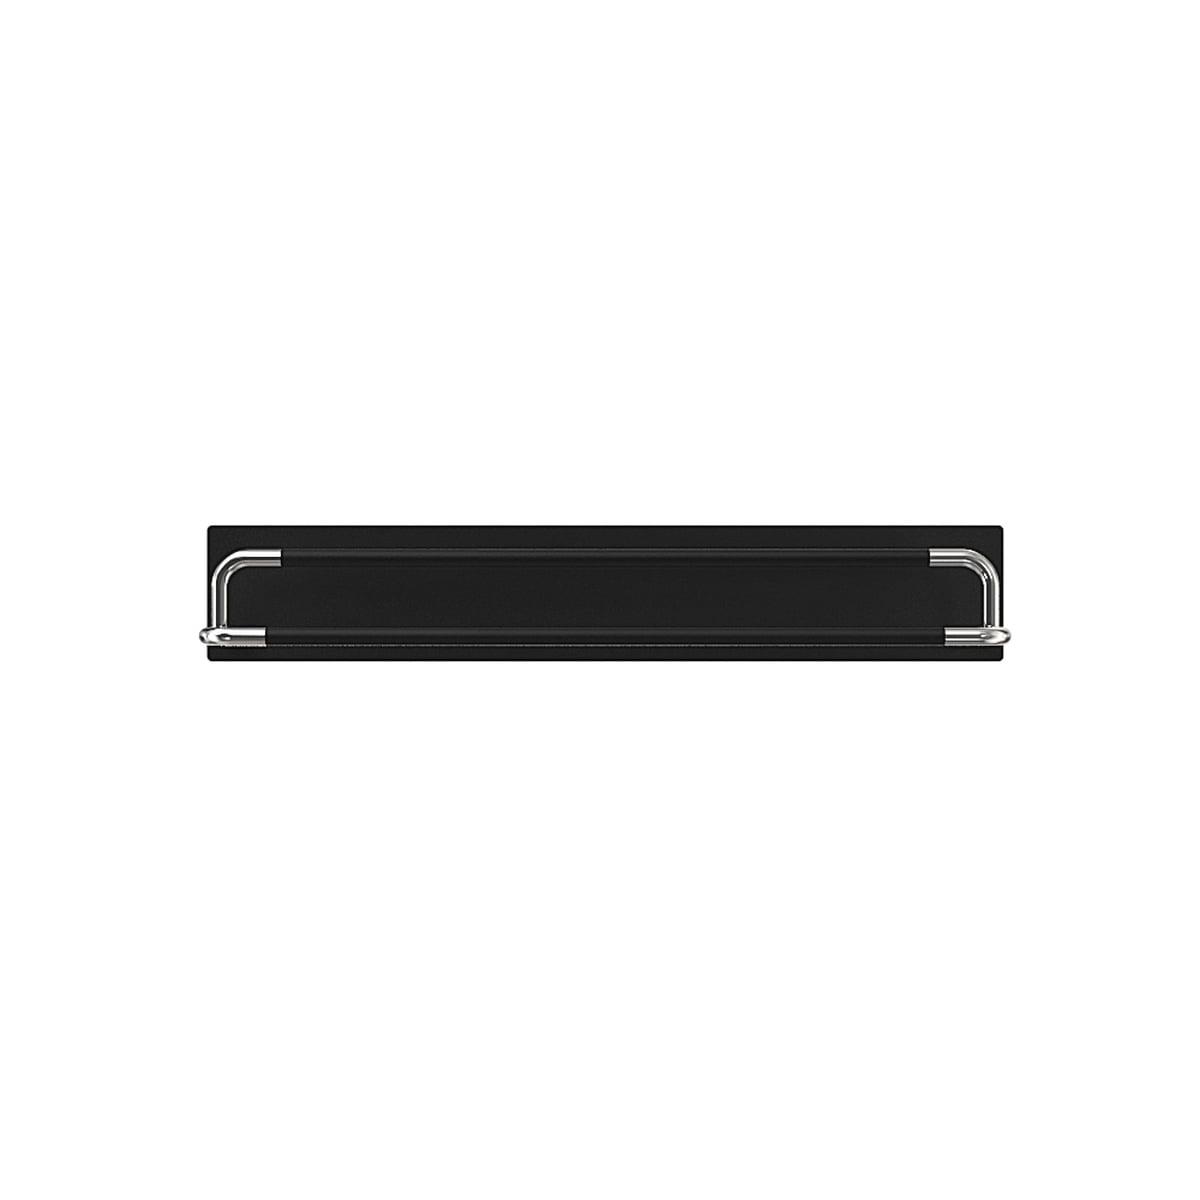 FROST - Rada Schuhregal, 60 cm, schwarz   Flur & Diele > Schuhschränke und Kommoden > Schuhregal   Frost